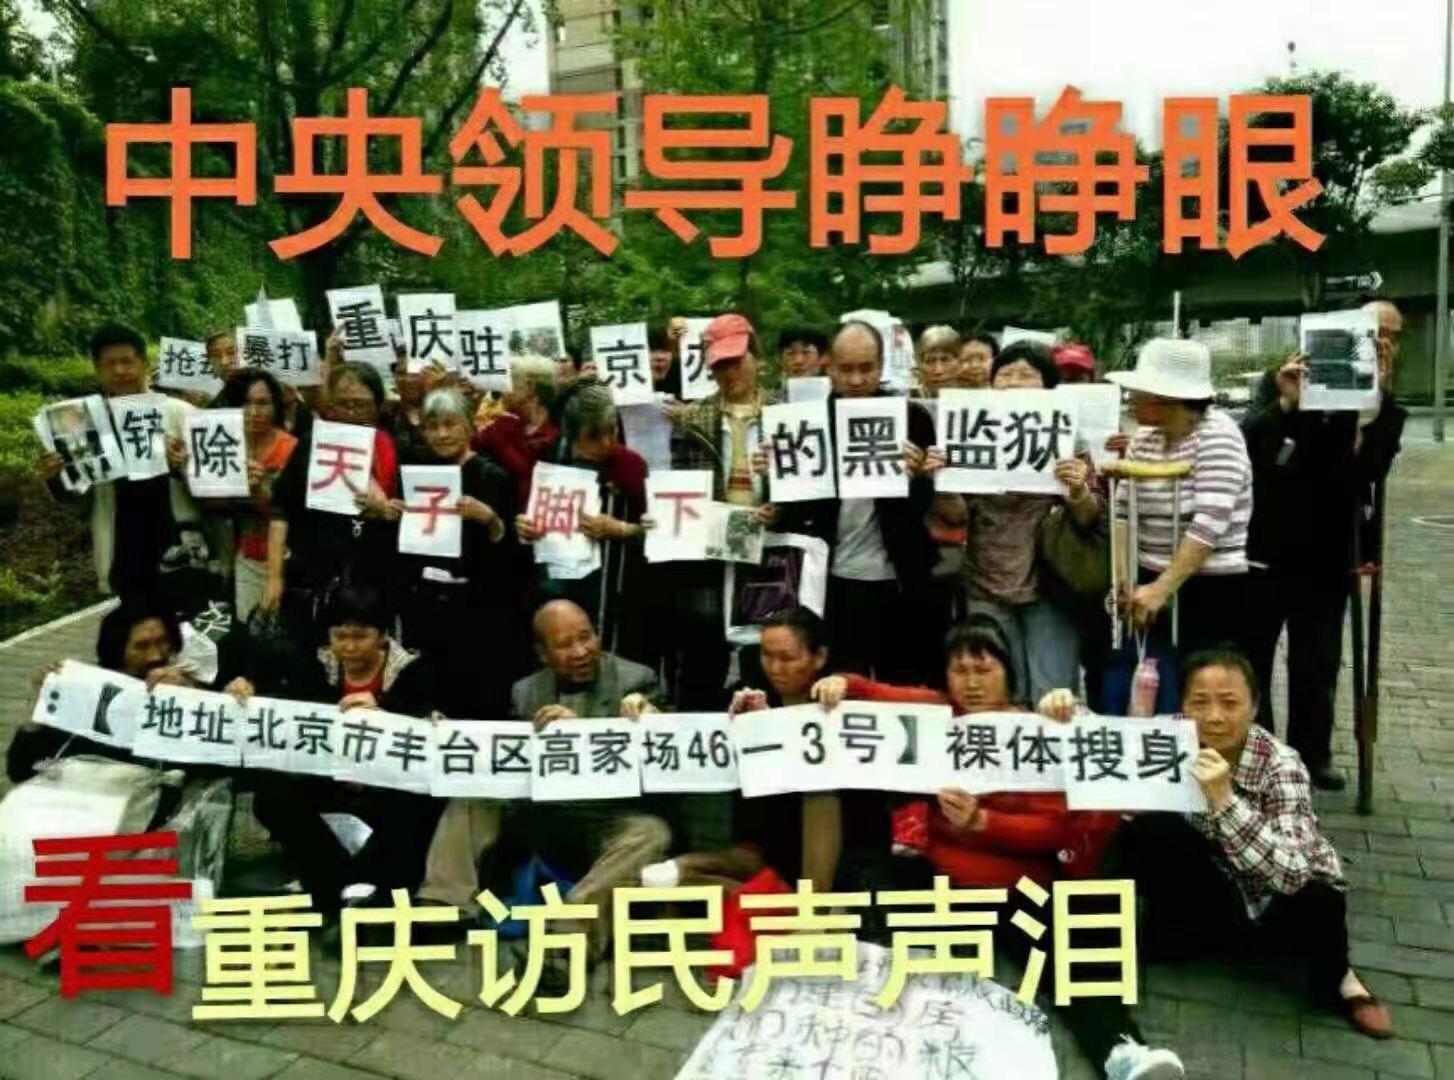 重慶駐京辦設在高家場46-3號的黑監獄,訪民揭露在裏面遭到打手暴打。(受訪者提供)